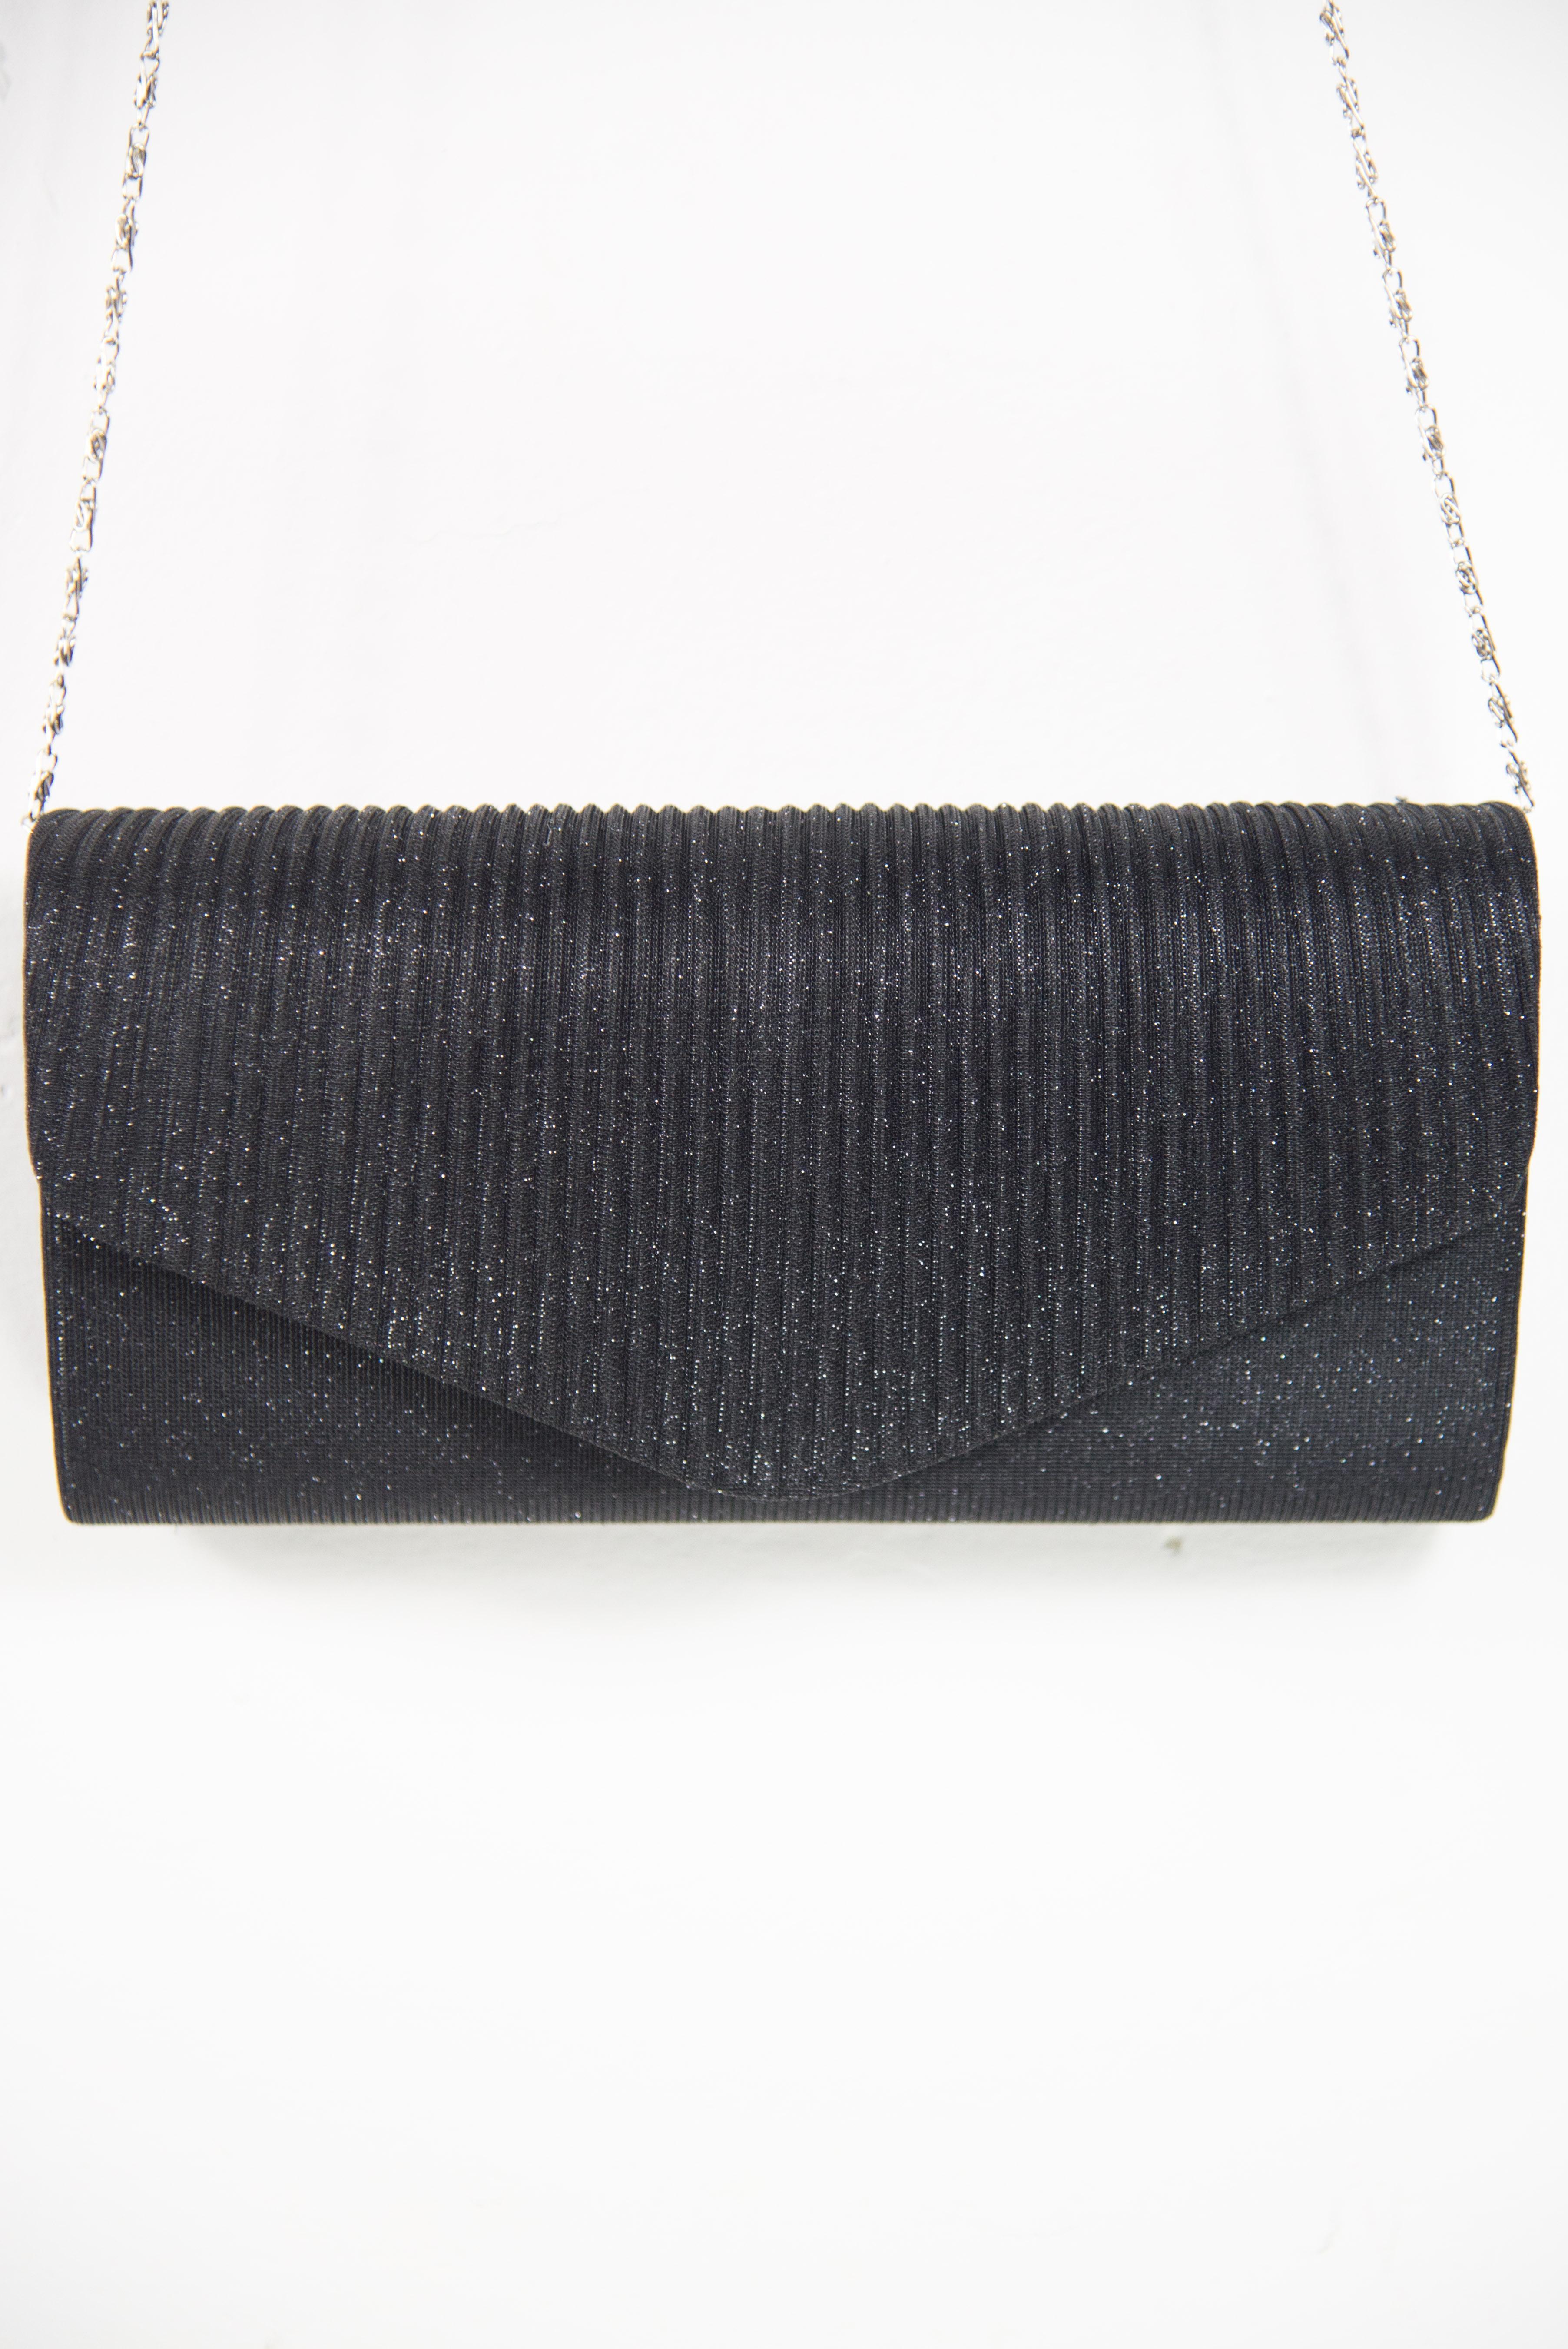 Sac noir à glitter | Vente en ligne de sacs de soirée